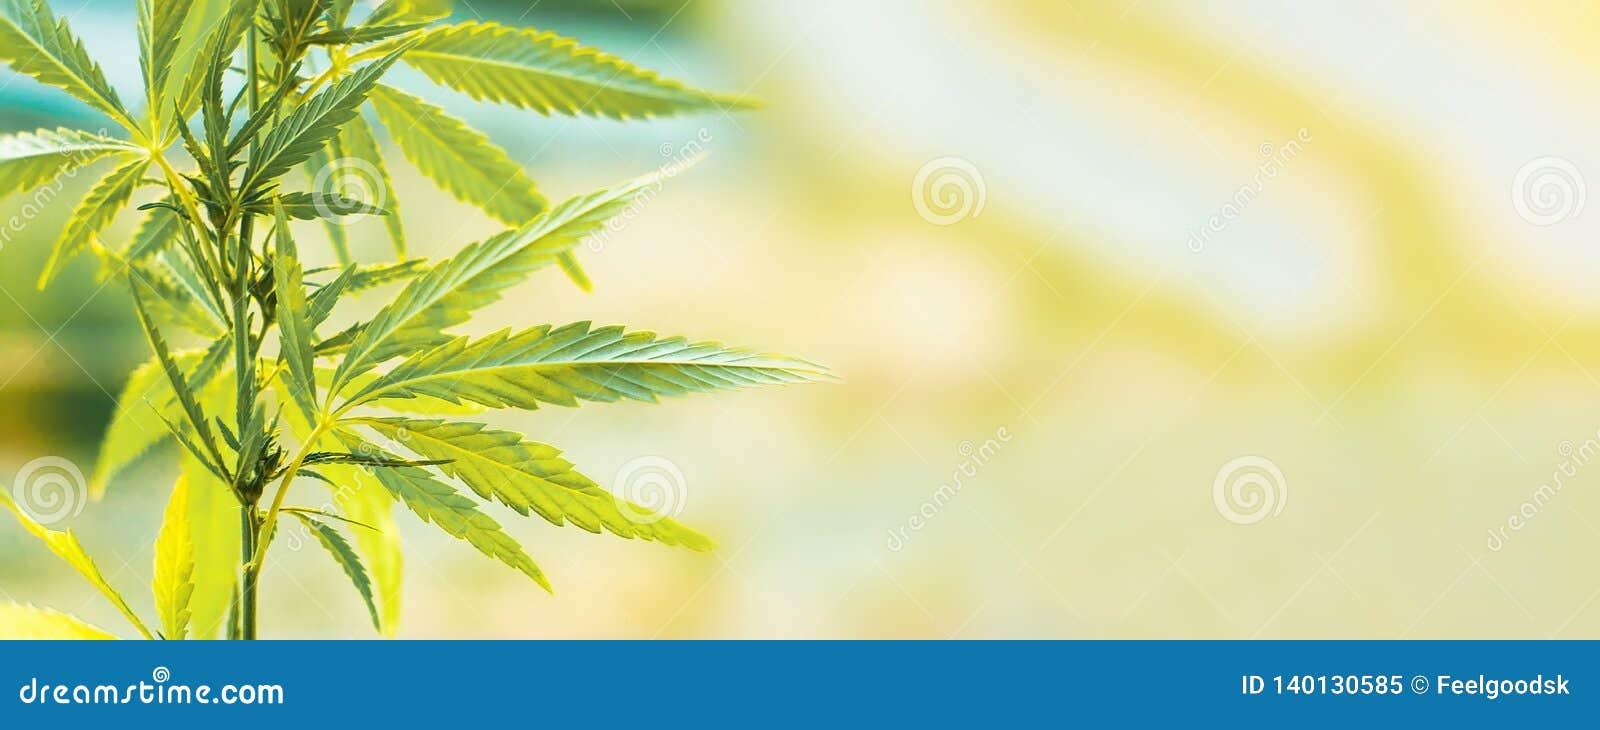 Annuncio pubblicitario della cannabis svilupparsi Concetto di medicina alternativa di erbe, olio di CBD